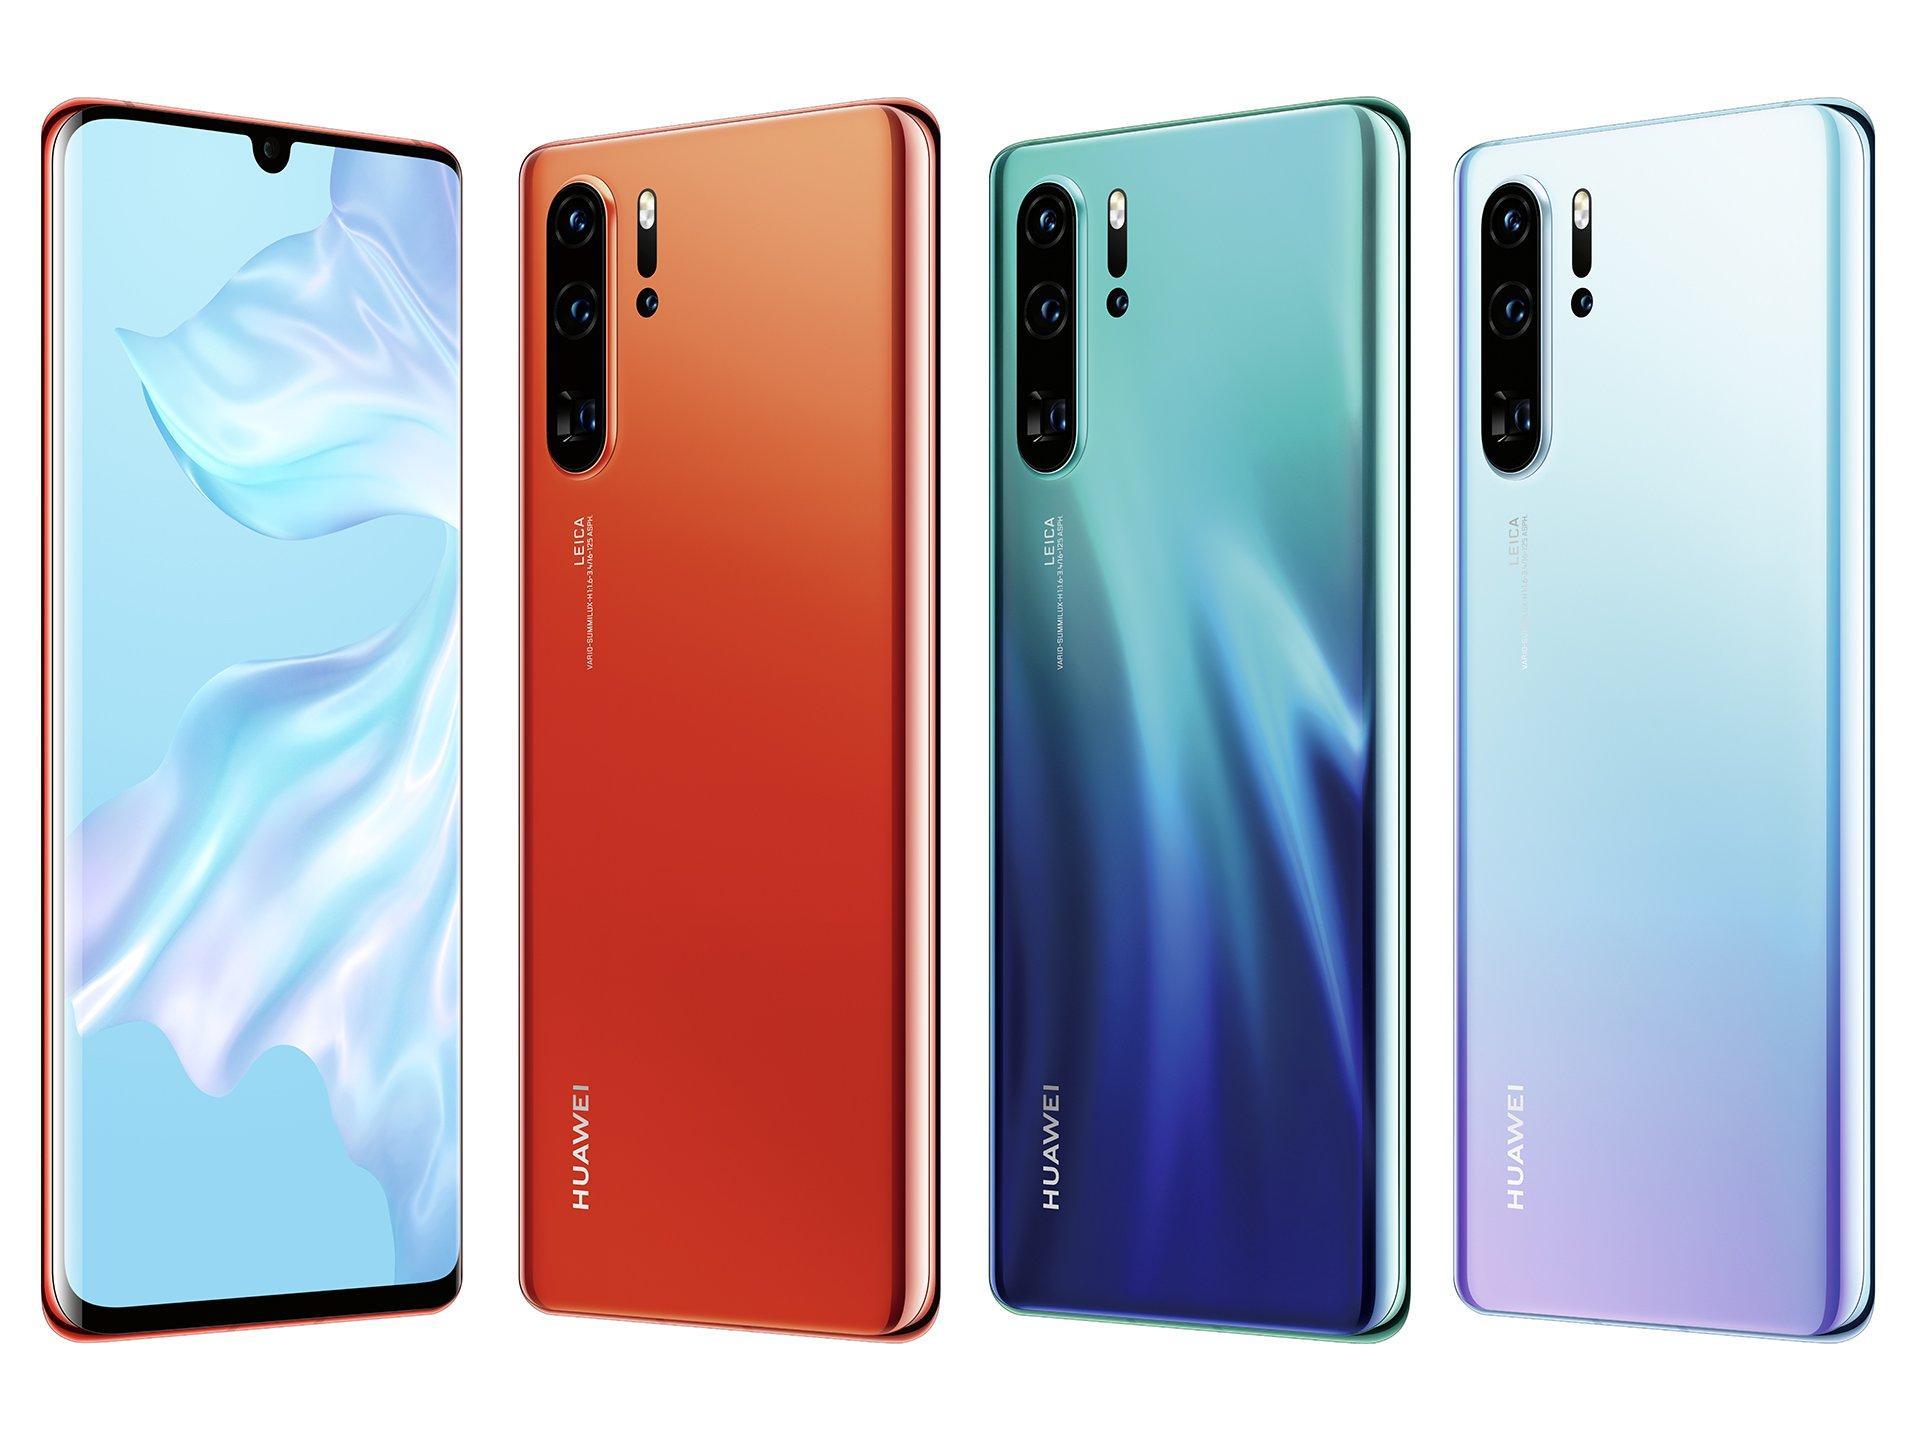 Владельцы Huawei P30 сообщают о быстром разряде аккумулятора после обновления